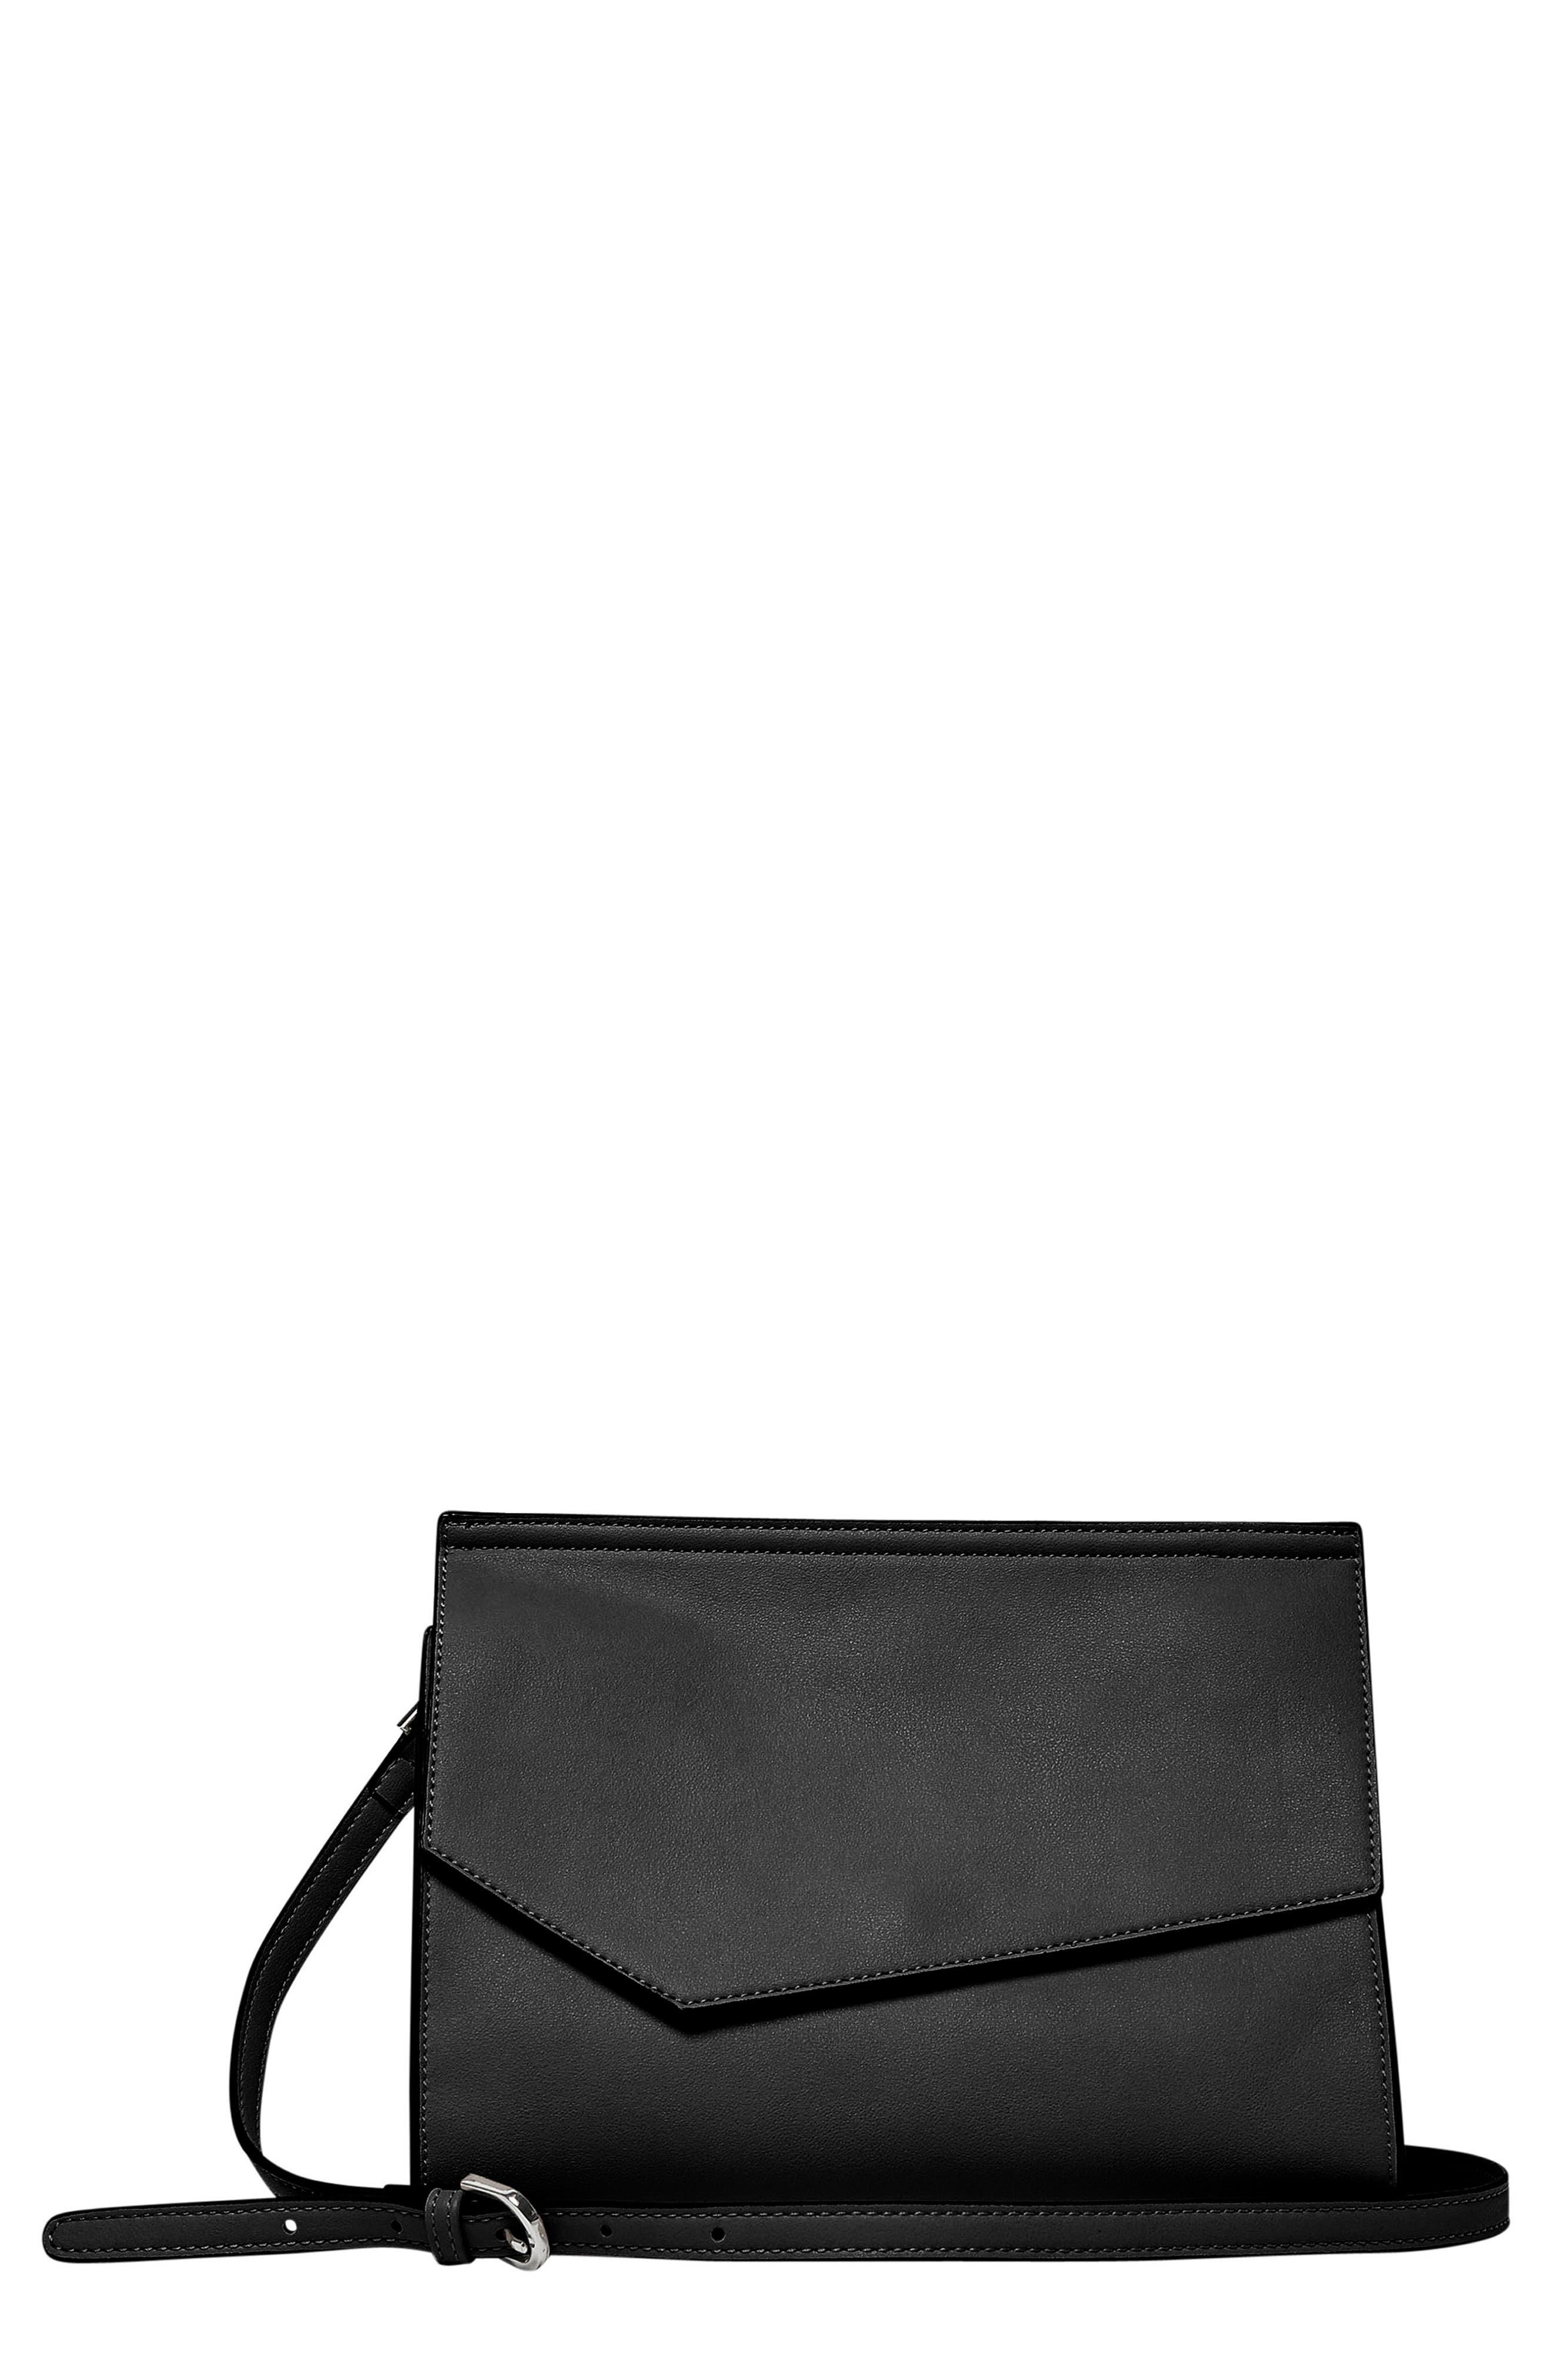 Urban Originals Shimmer Vegan Leather Shoulder Bag